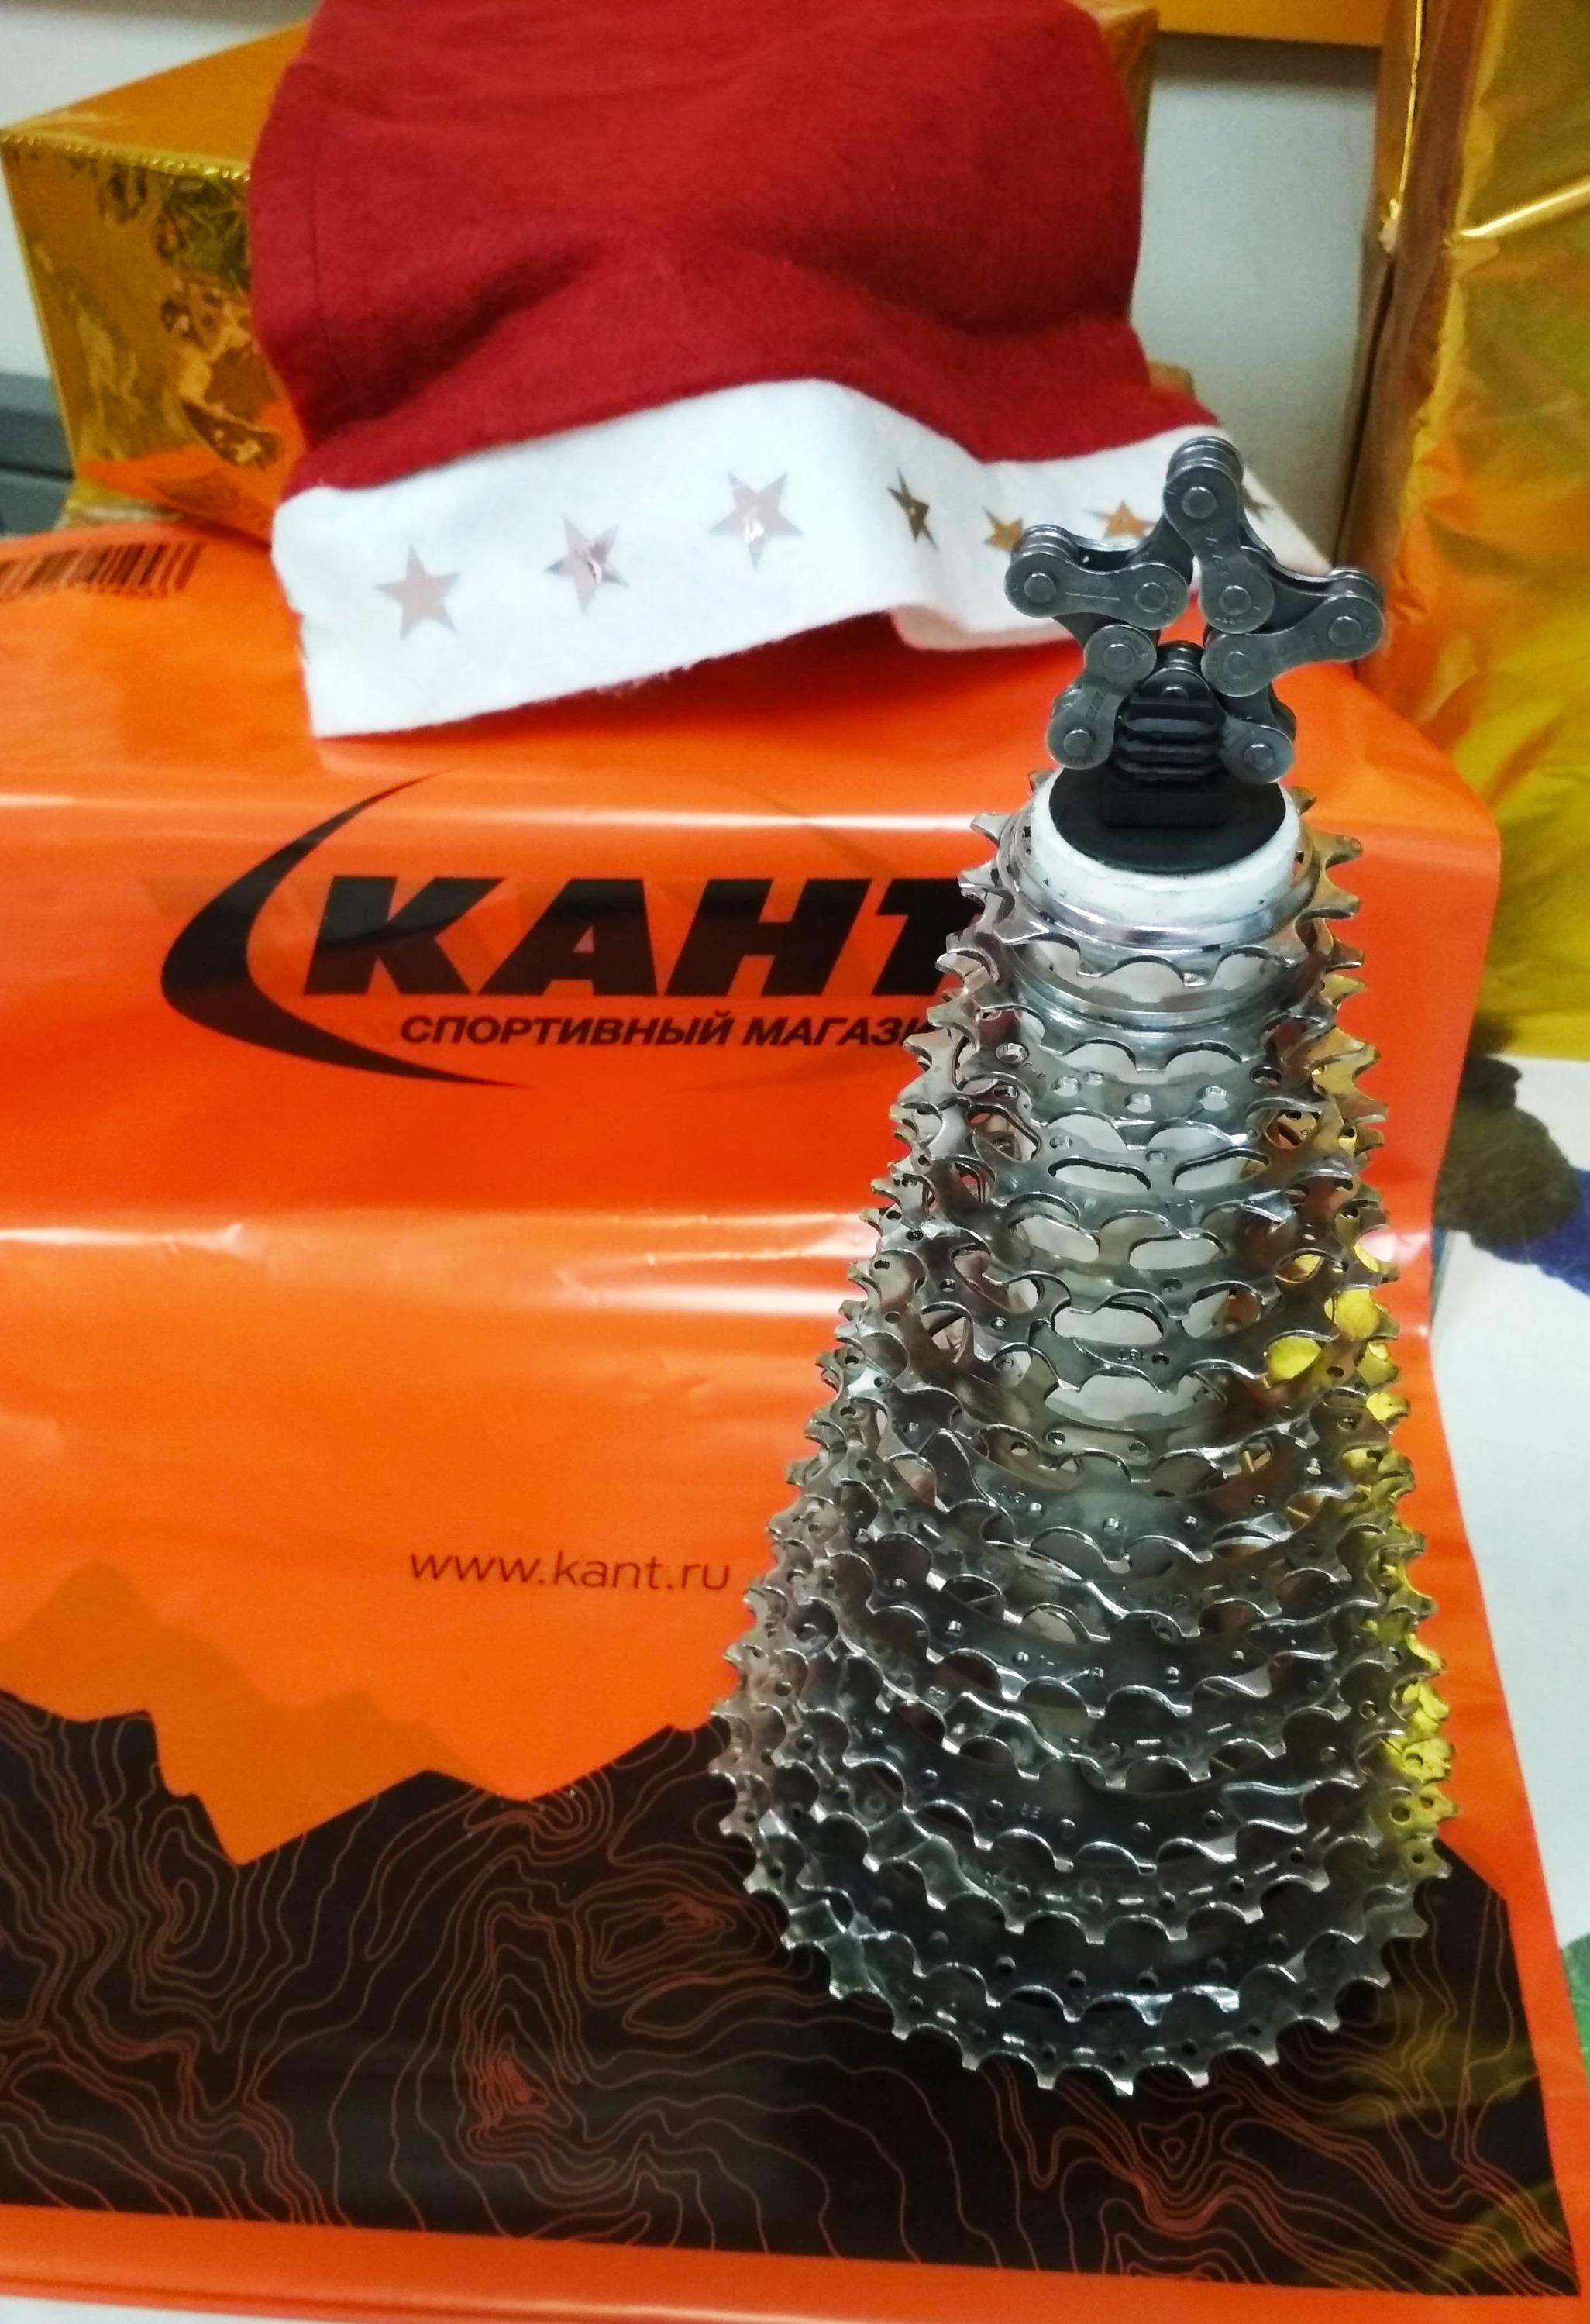 В спортивном магазине «Кант» ёлку сделали из звезд трансмиссии горного велосипеда и звезды из цепочкивелосипеда